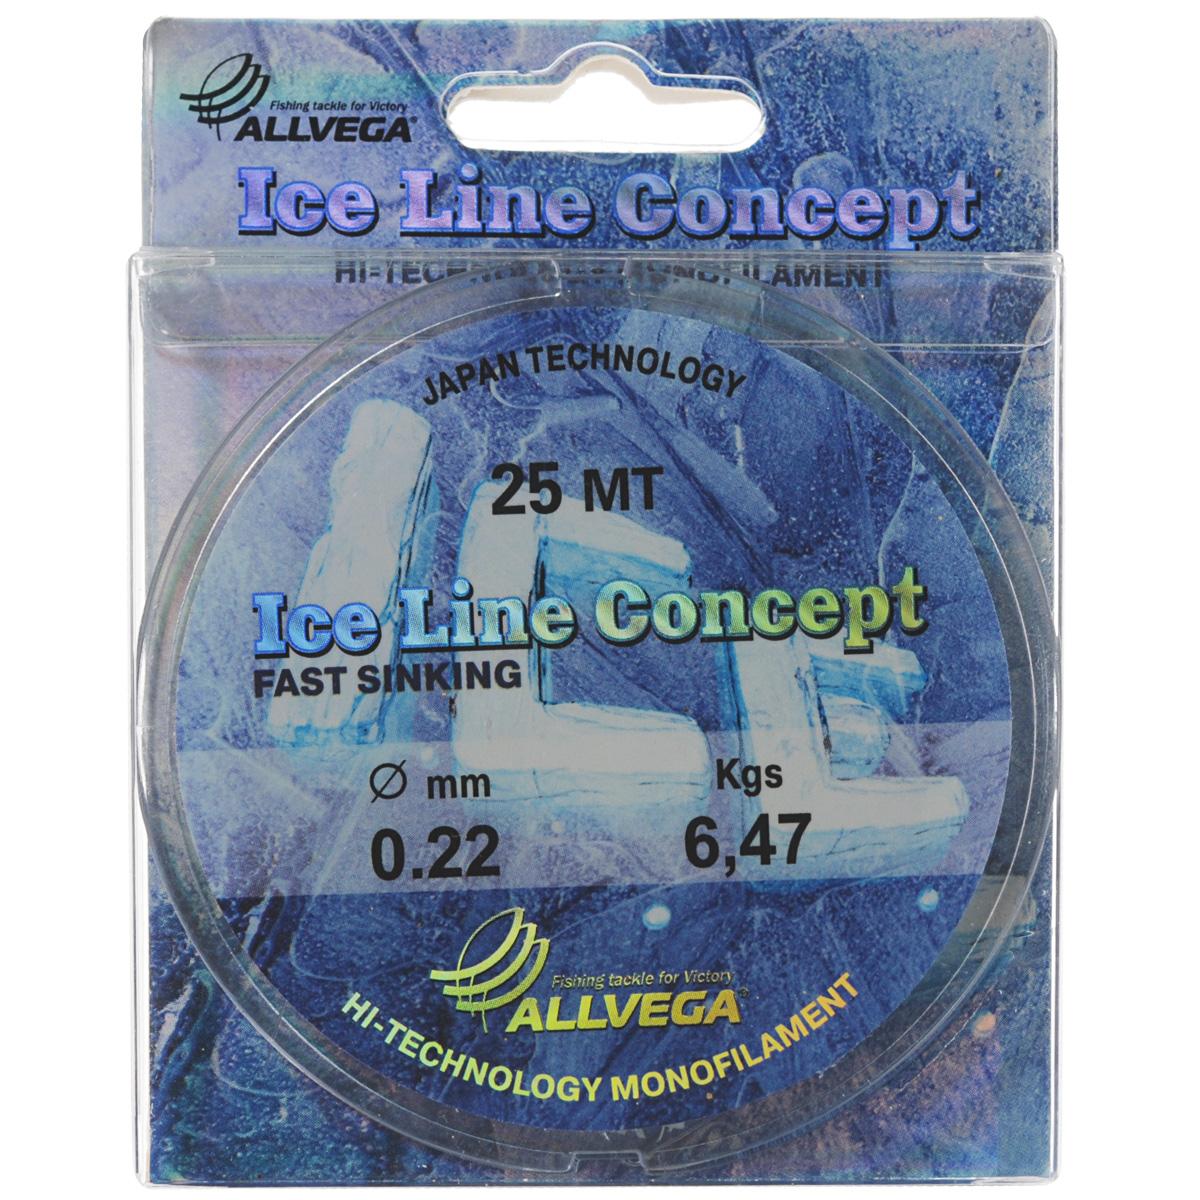 Леска Allvega Ice Line Concept, сечение 0,22 мм, длина 25 м36168Специальная зимняя леска Allvega Ice Line Concept для низких температур. Прозрачная и высокопрочная. Отсутствие механической памяти, позволяет с успехом использовать ее для ловли на мормышку.